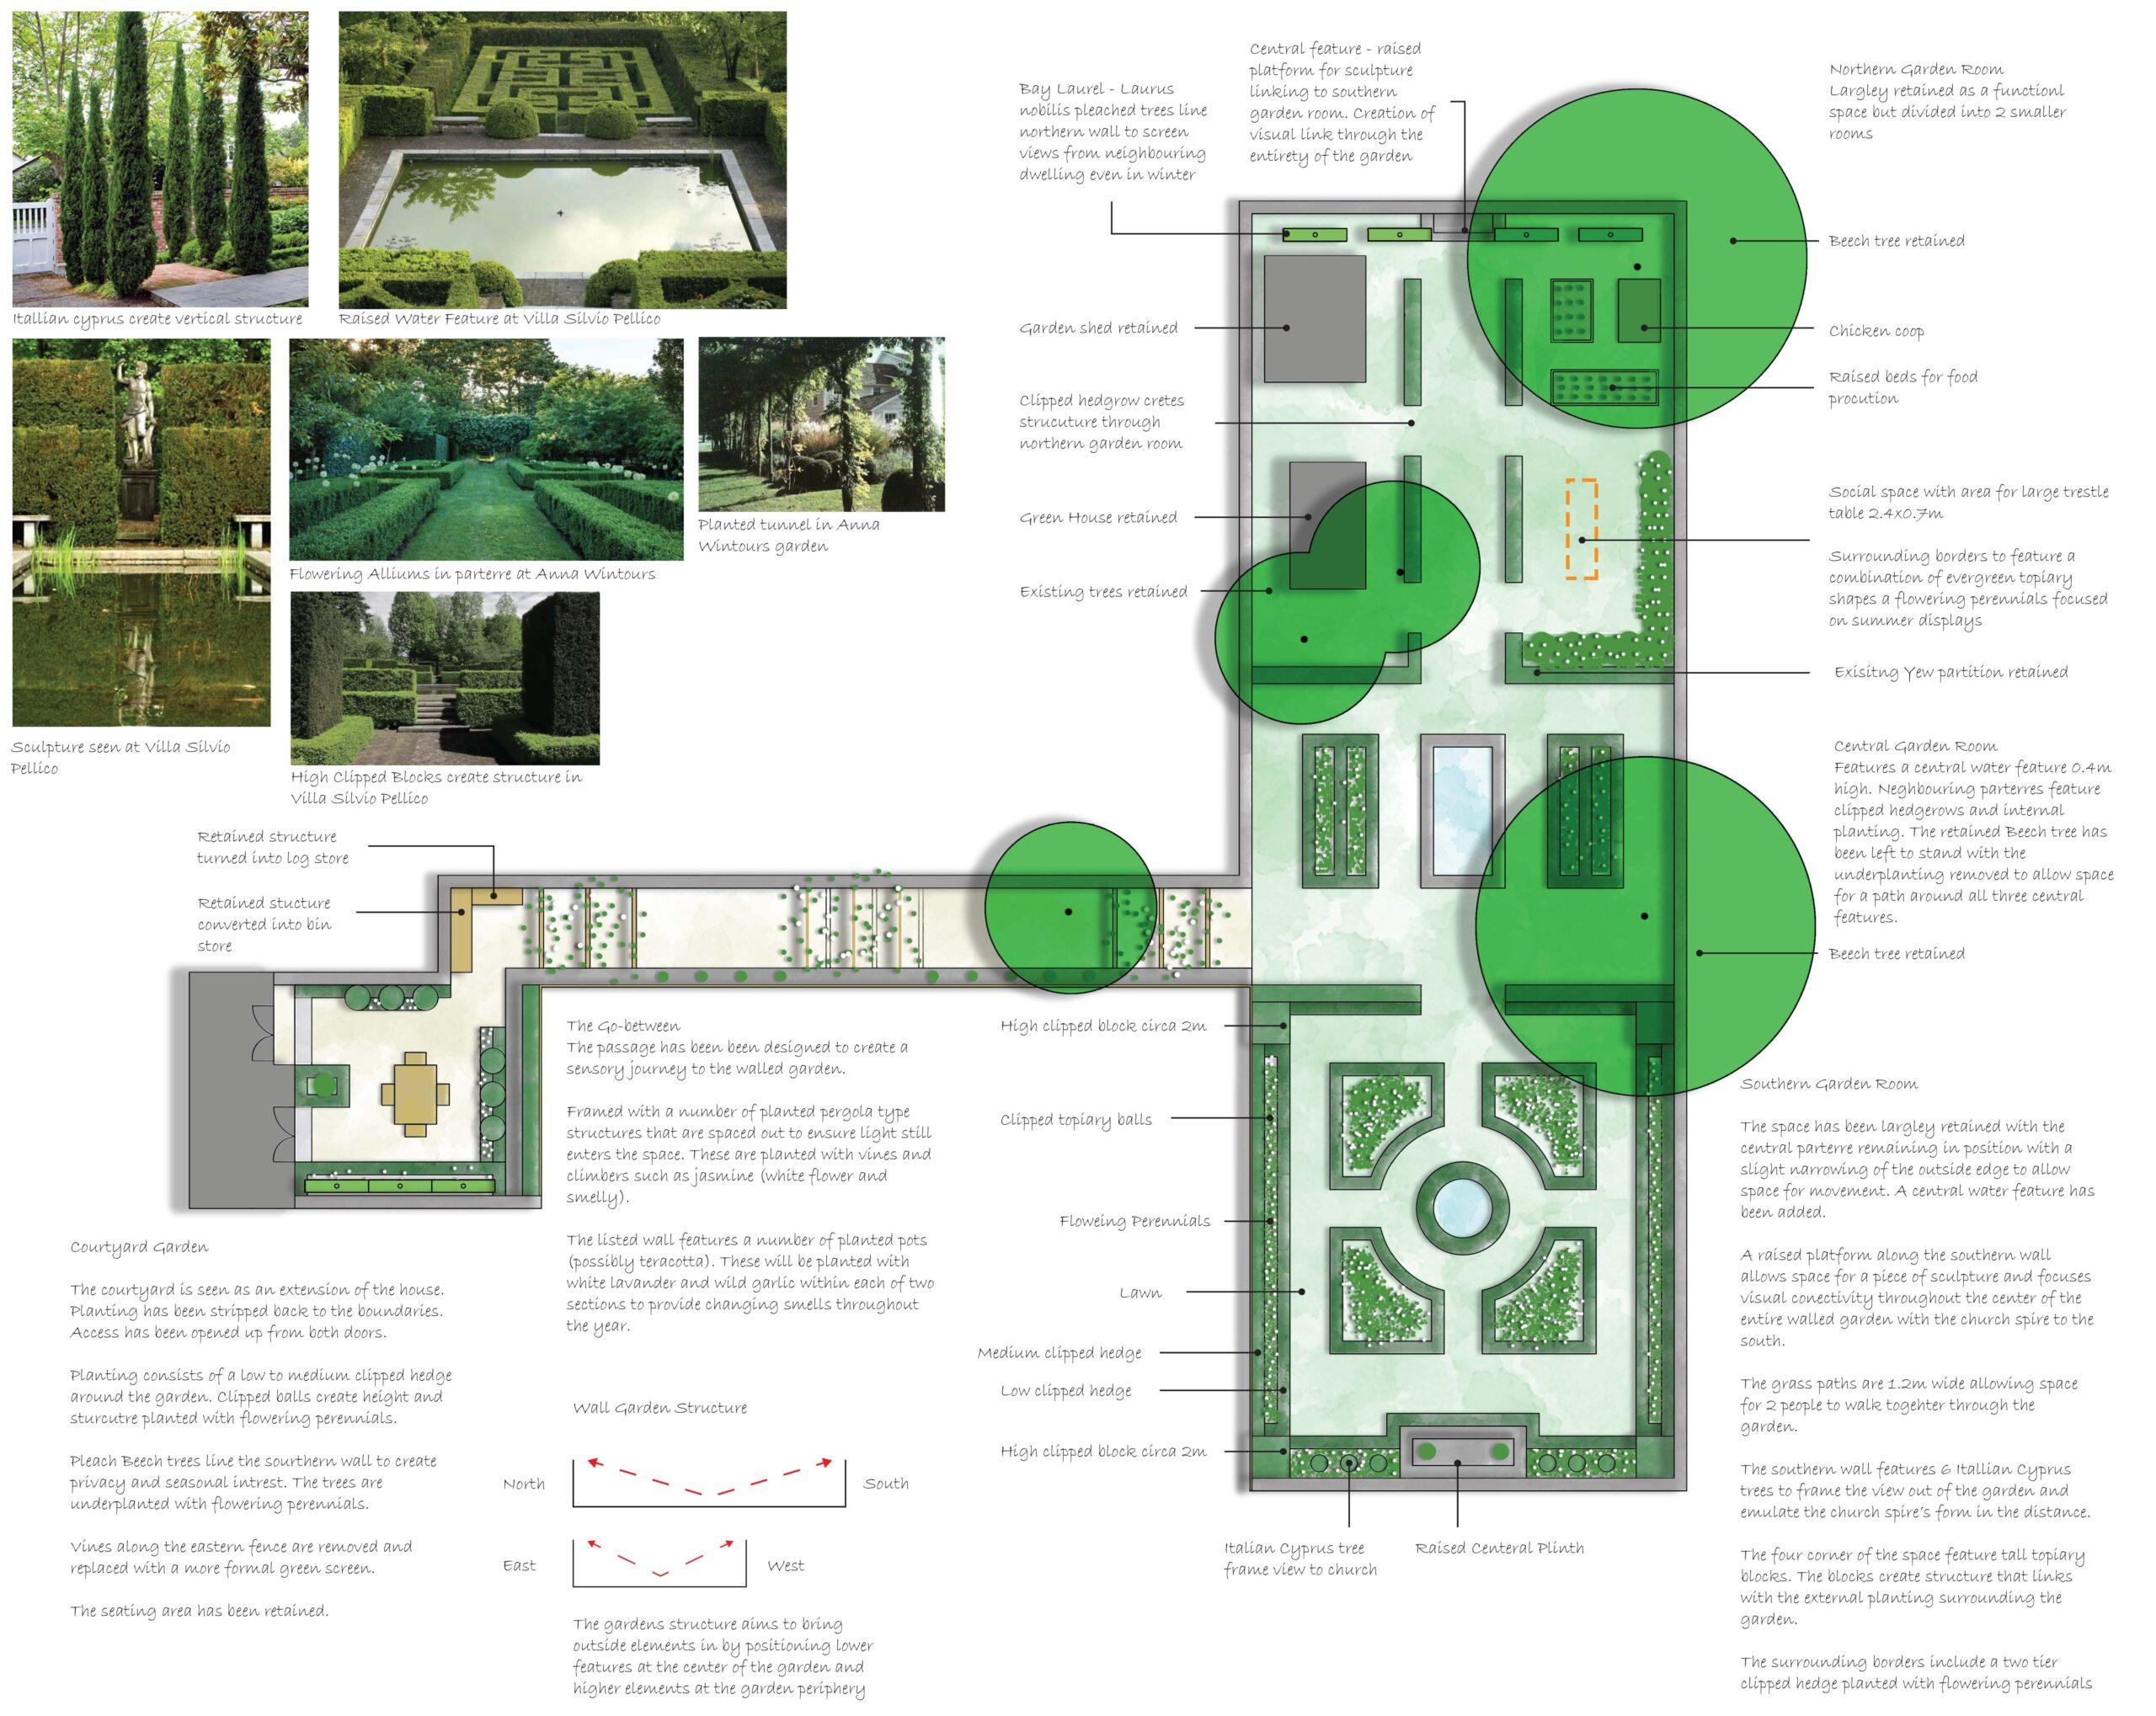 Lechlade_Garden_Design_1